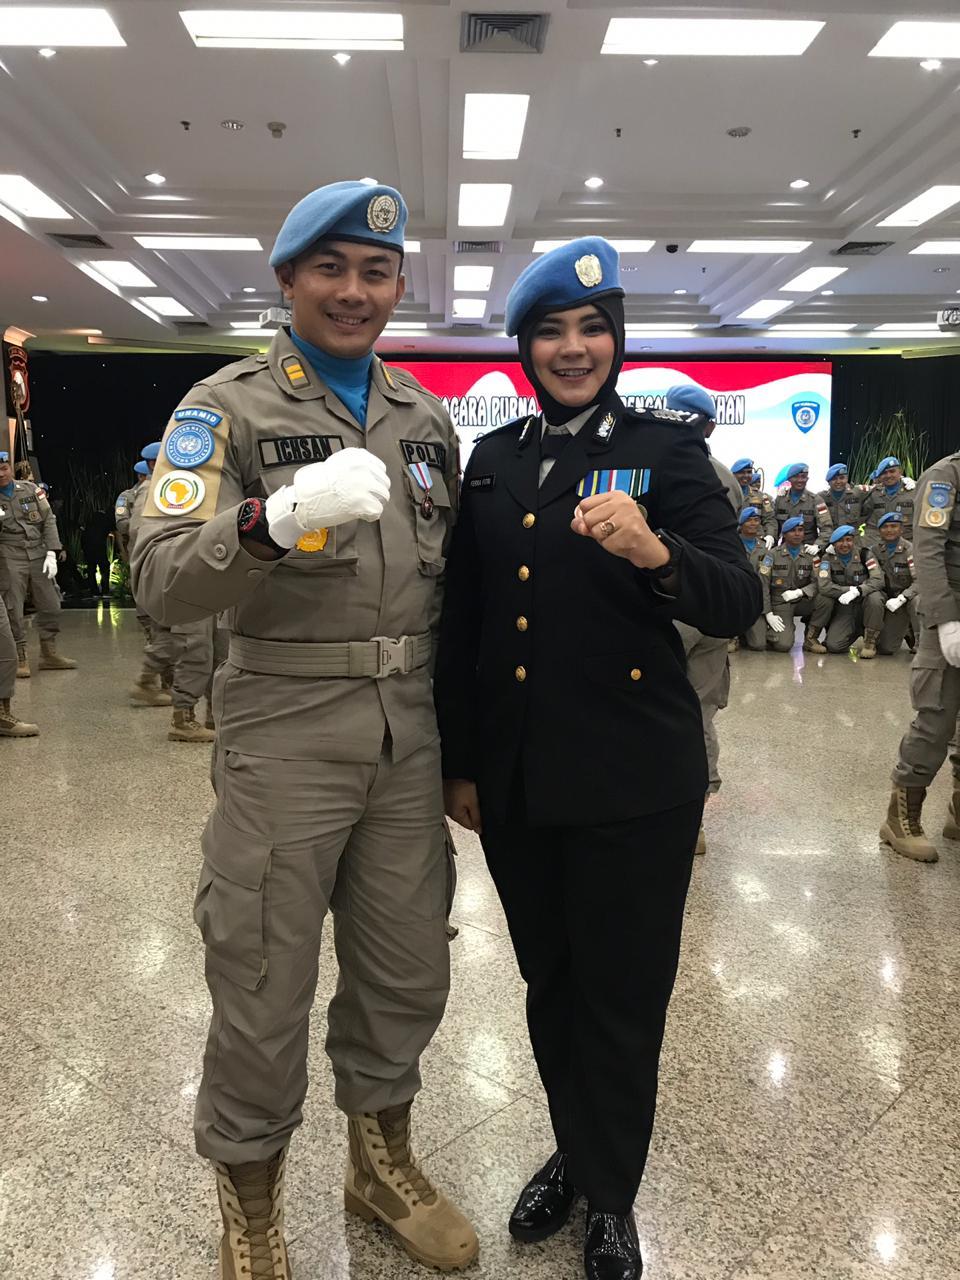 Dua Personel Polda Malut Terima Penghargaan SATYALANCANA BHAKTI BUANA Dari PERSIDEN RI